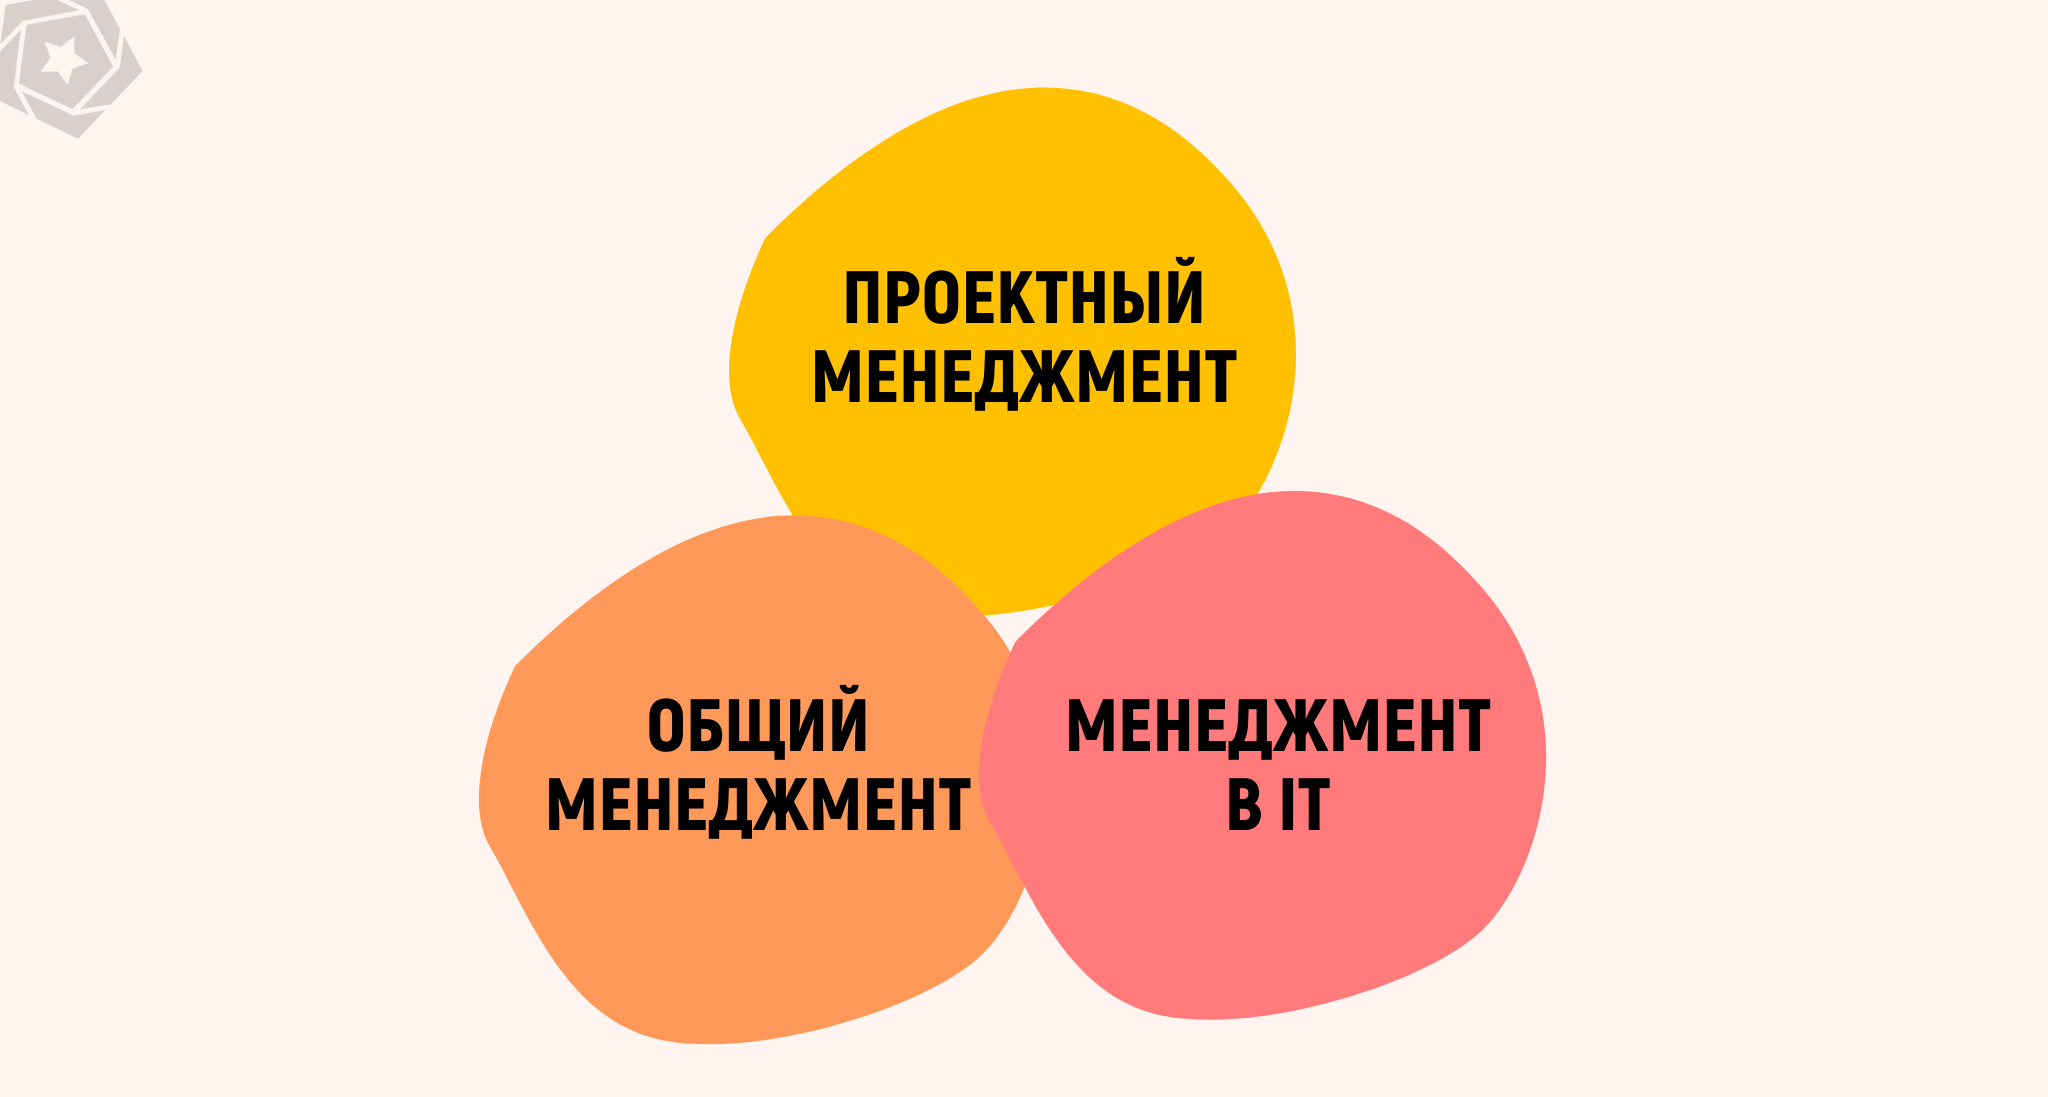 Как проектному менеджеру оценить себя